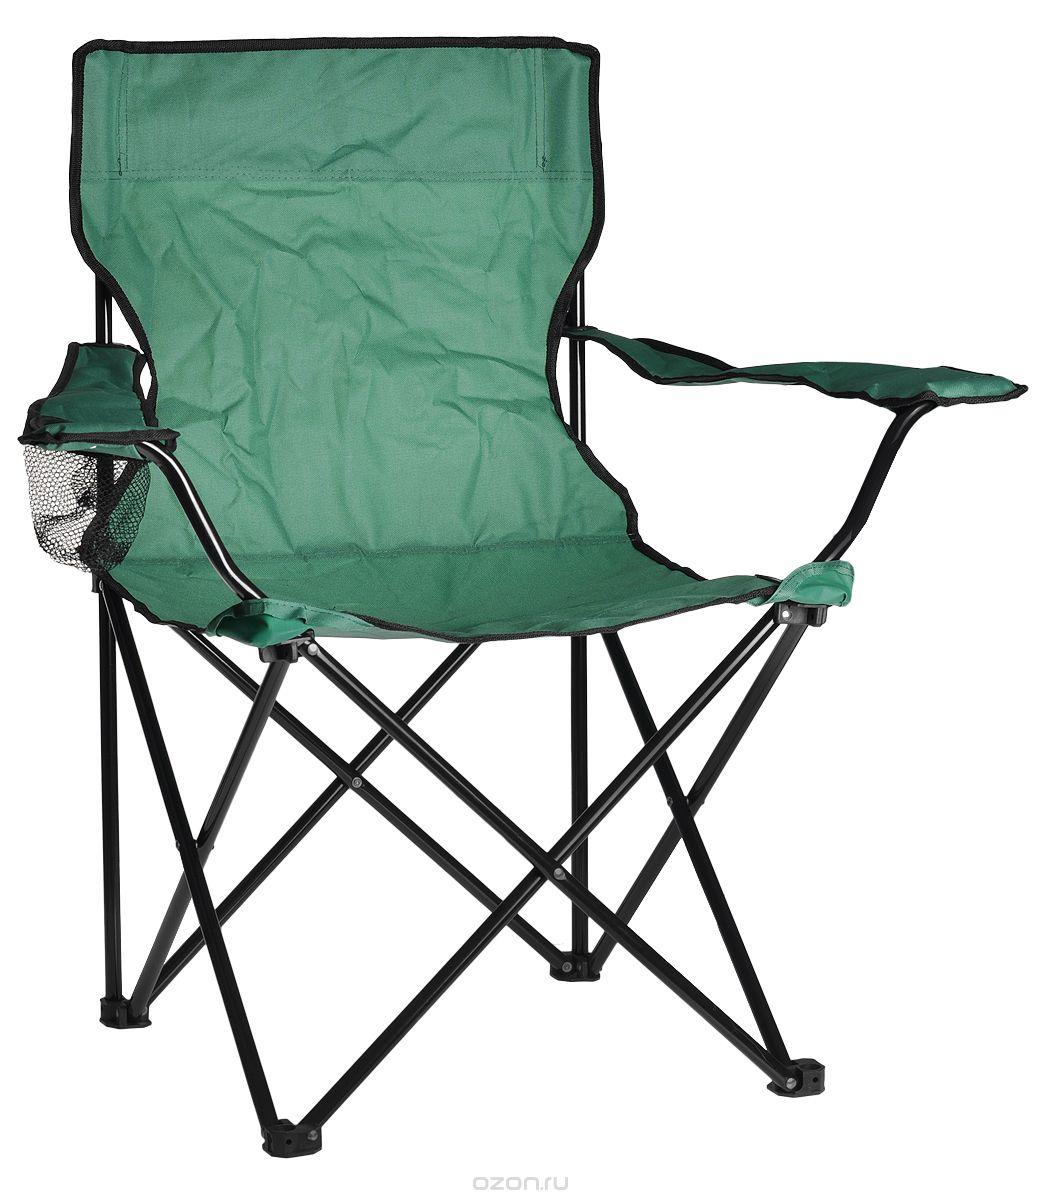 Кресло складное Reking, цвет: зеленыйC-015Комфортное складное кресло Reking с широким сиденьем, а также мягкой спинкой и подлокотниками, станет незаменимым предметом в походе, на природе, на рыбалке, а также на даче. На подлокотнике имеется отделение для бутылки или стакана. Кресло имеет прочный металлический каркас и покрытие из полиэстера, оно легко собирается и разбирается и не занимает много места, поэтому подходит для транспортировки и хранения дома. Максимальная нагрузка на кресло: 100 кг.